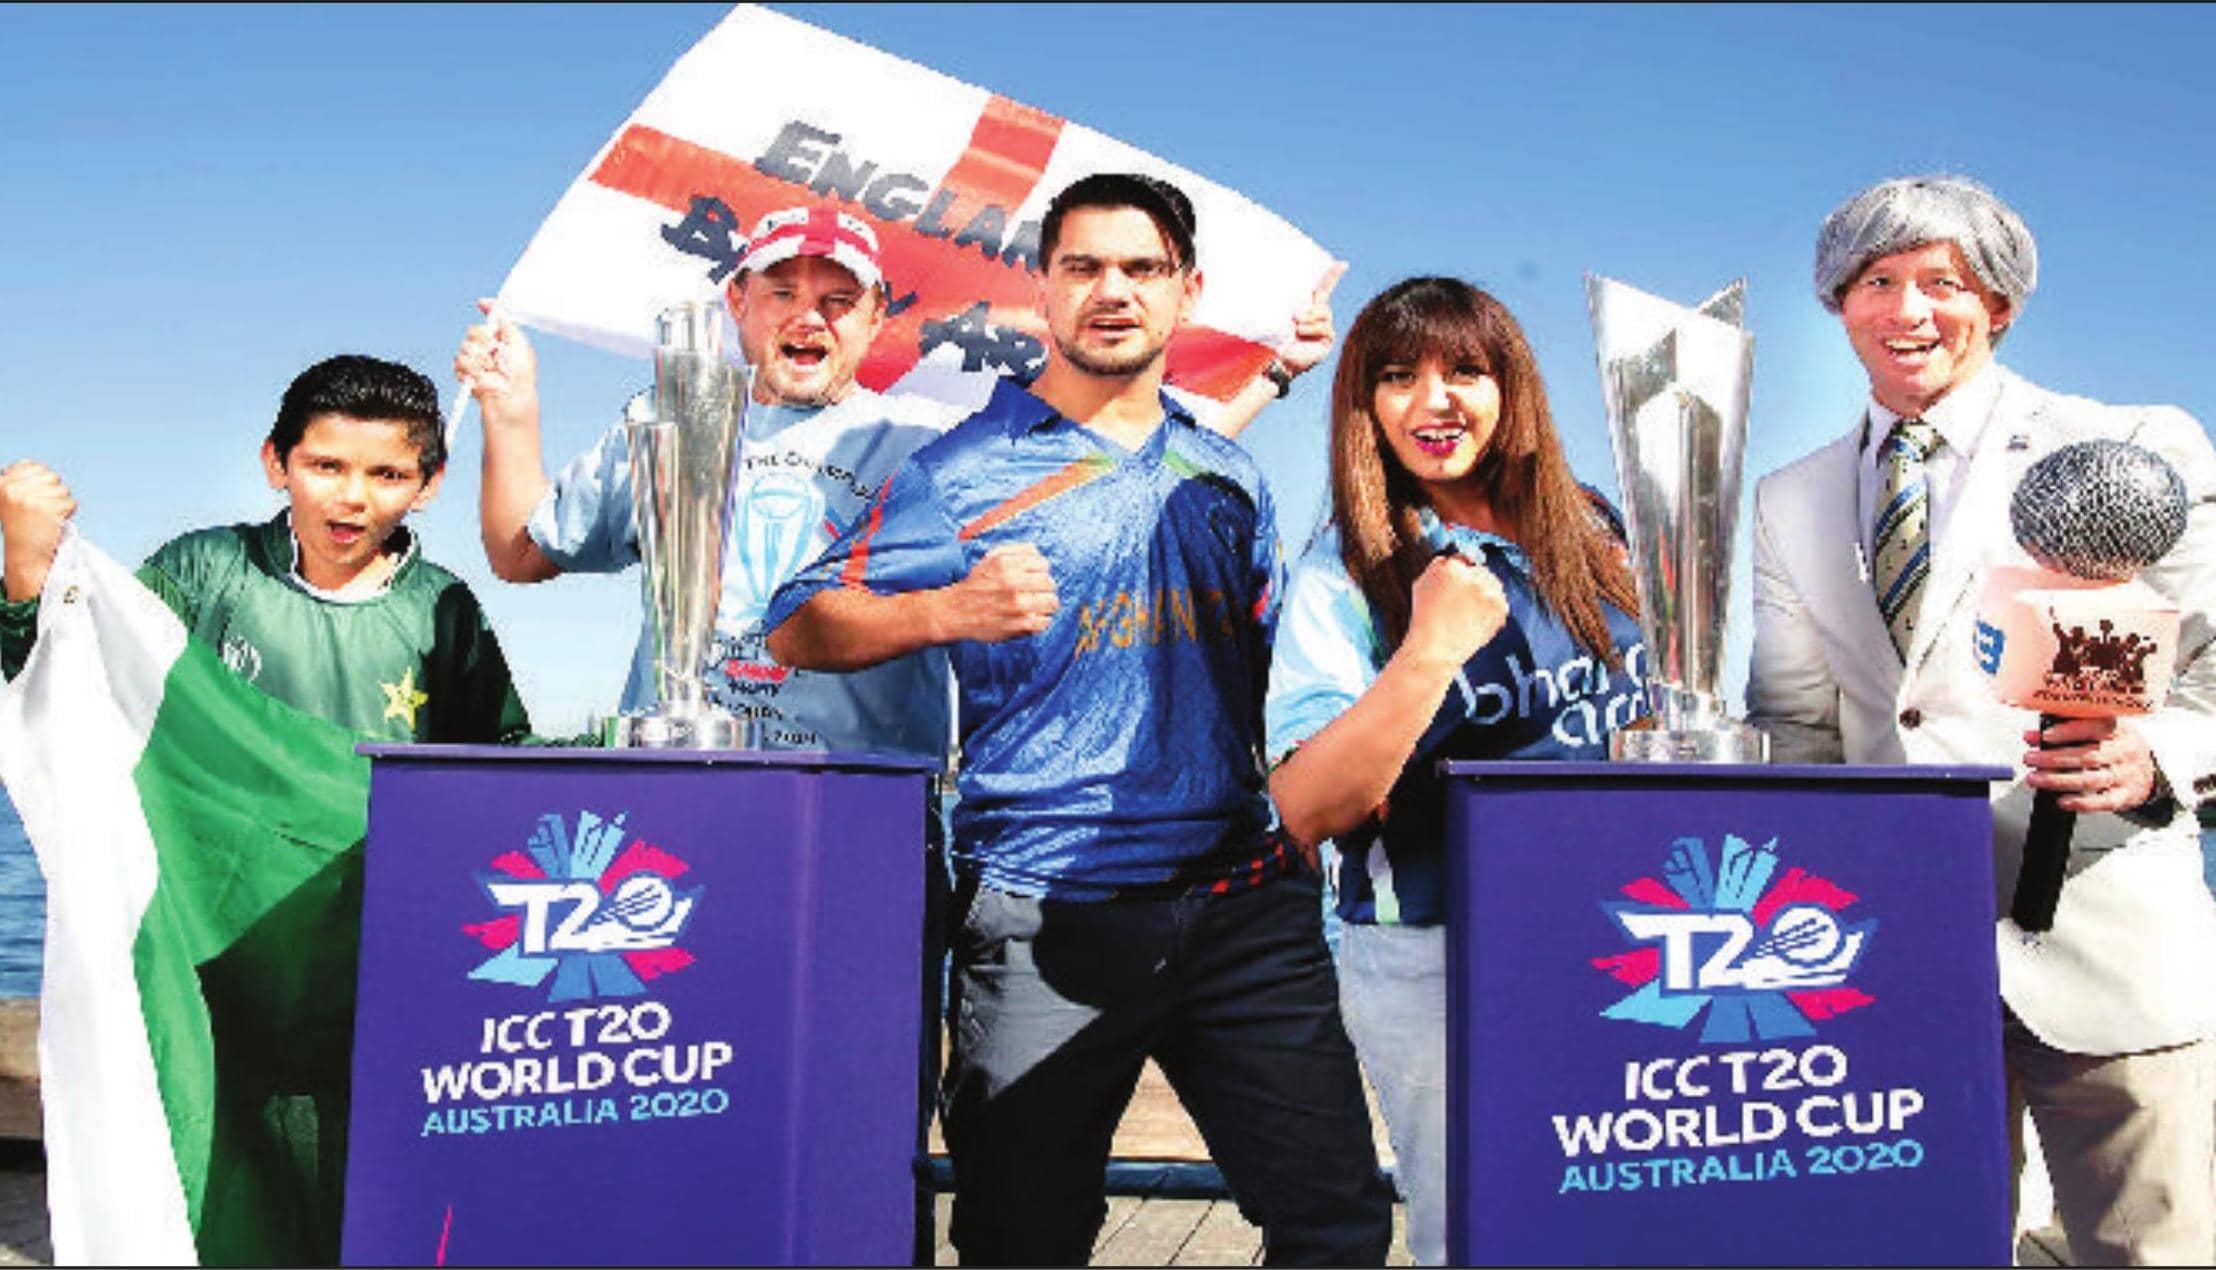 अक्टूबर में टी-20 वर्ल्ड कप का होना मुश्किल : बीसीसीआई जिंदगी की गारंटी, भीड़ और सोशल डिस्टेनसिंग अहम मुद्दे